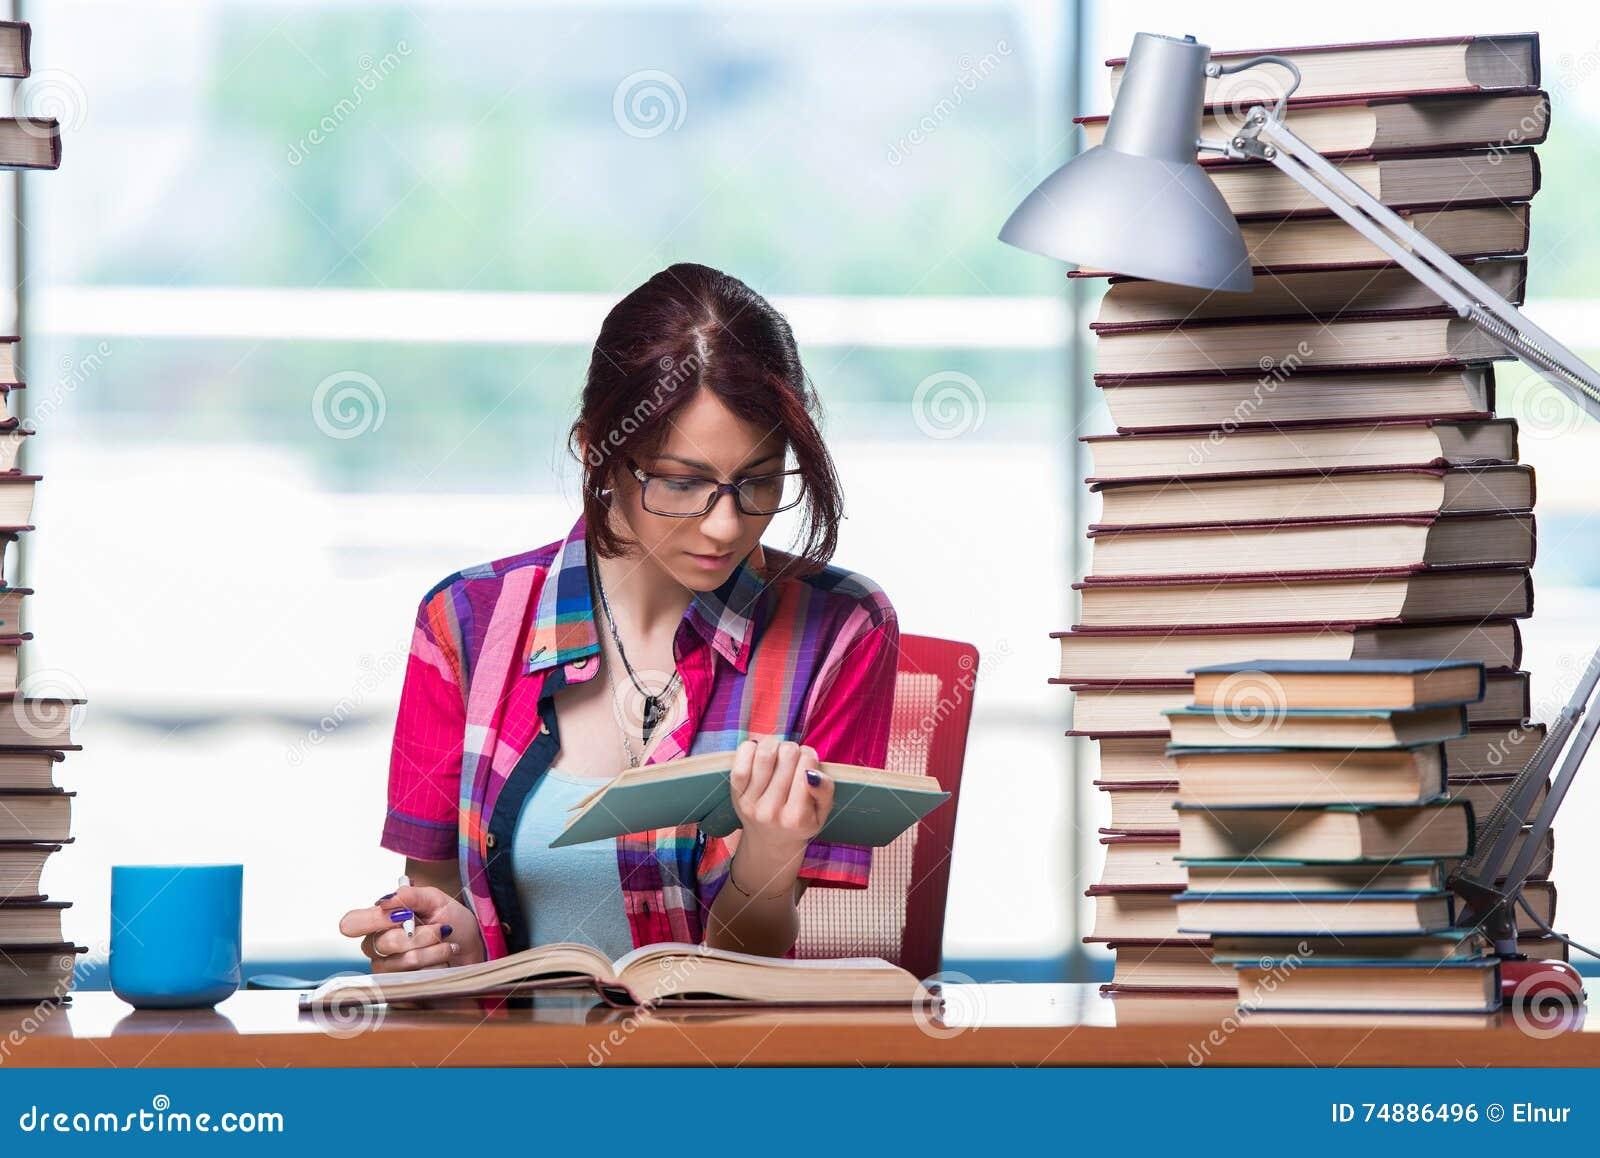 Η νέα γυναίκα σπουδαστής που προετοιμάζεται για τους διαγωνισμούς